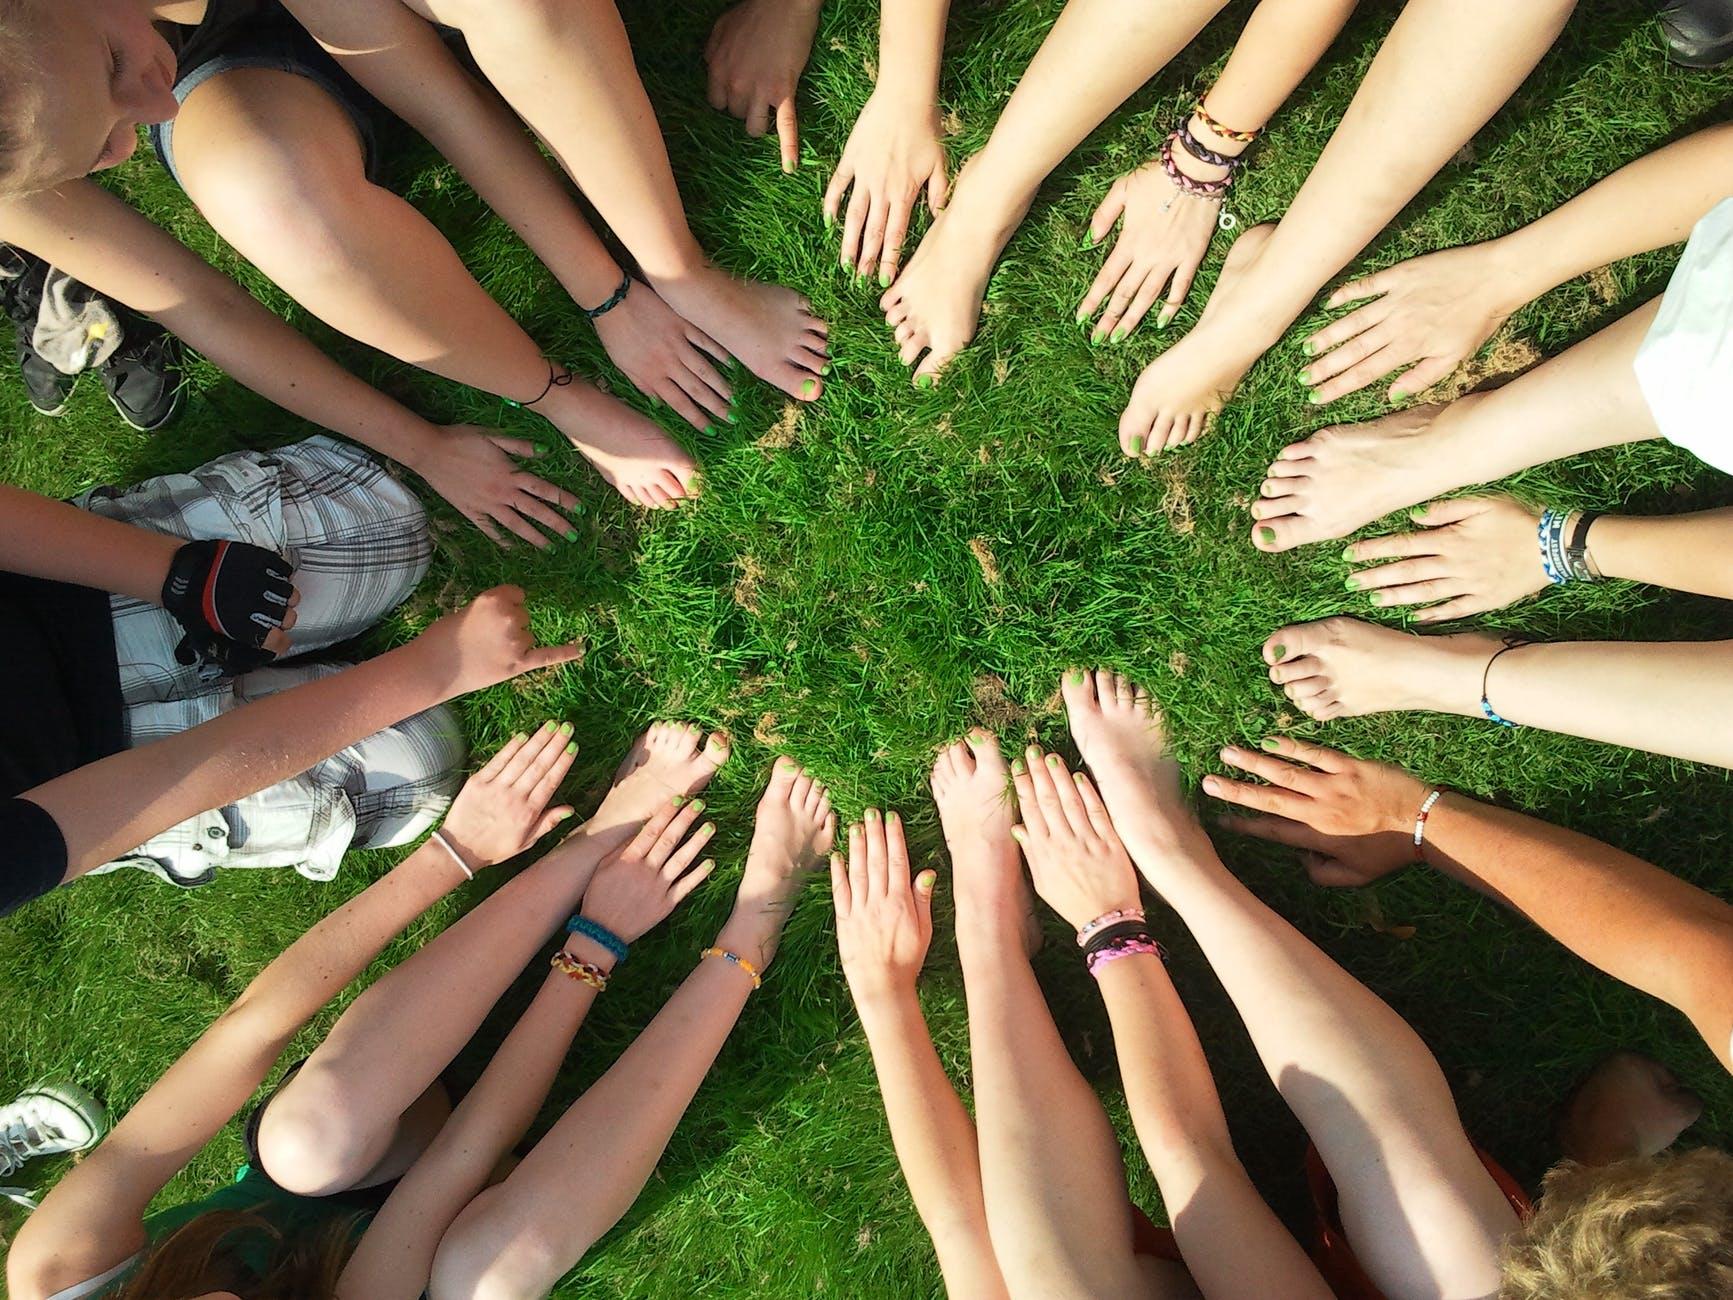 team-motivation-teamwork-together-53958.jpeg